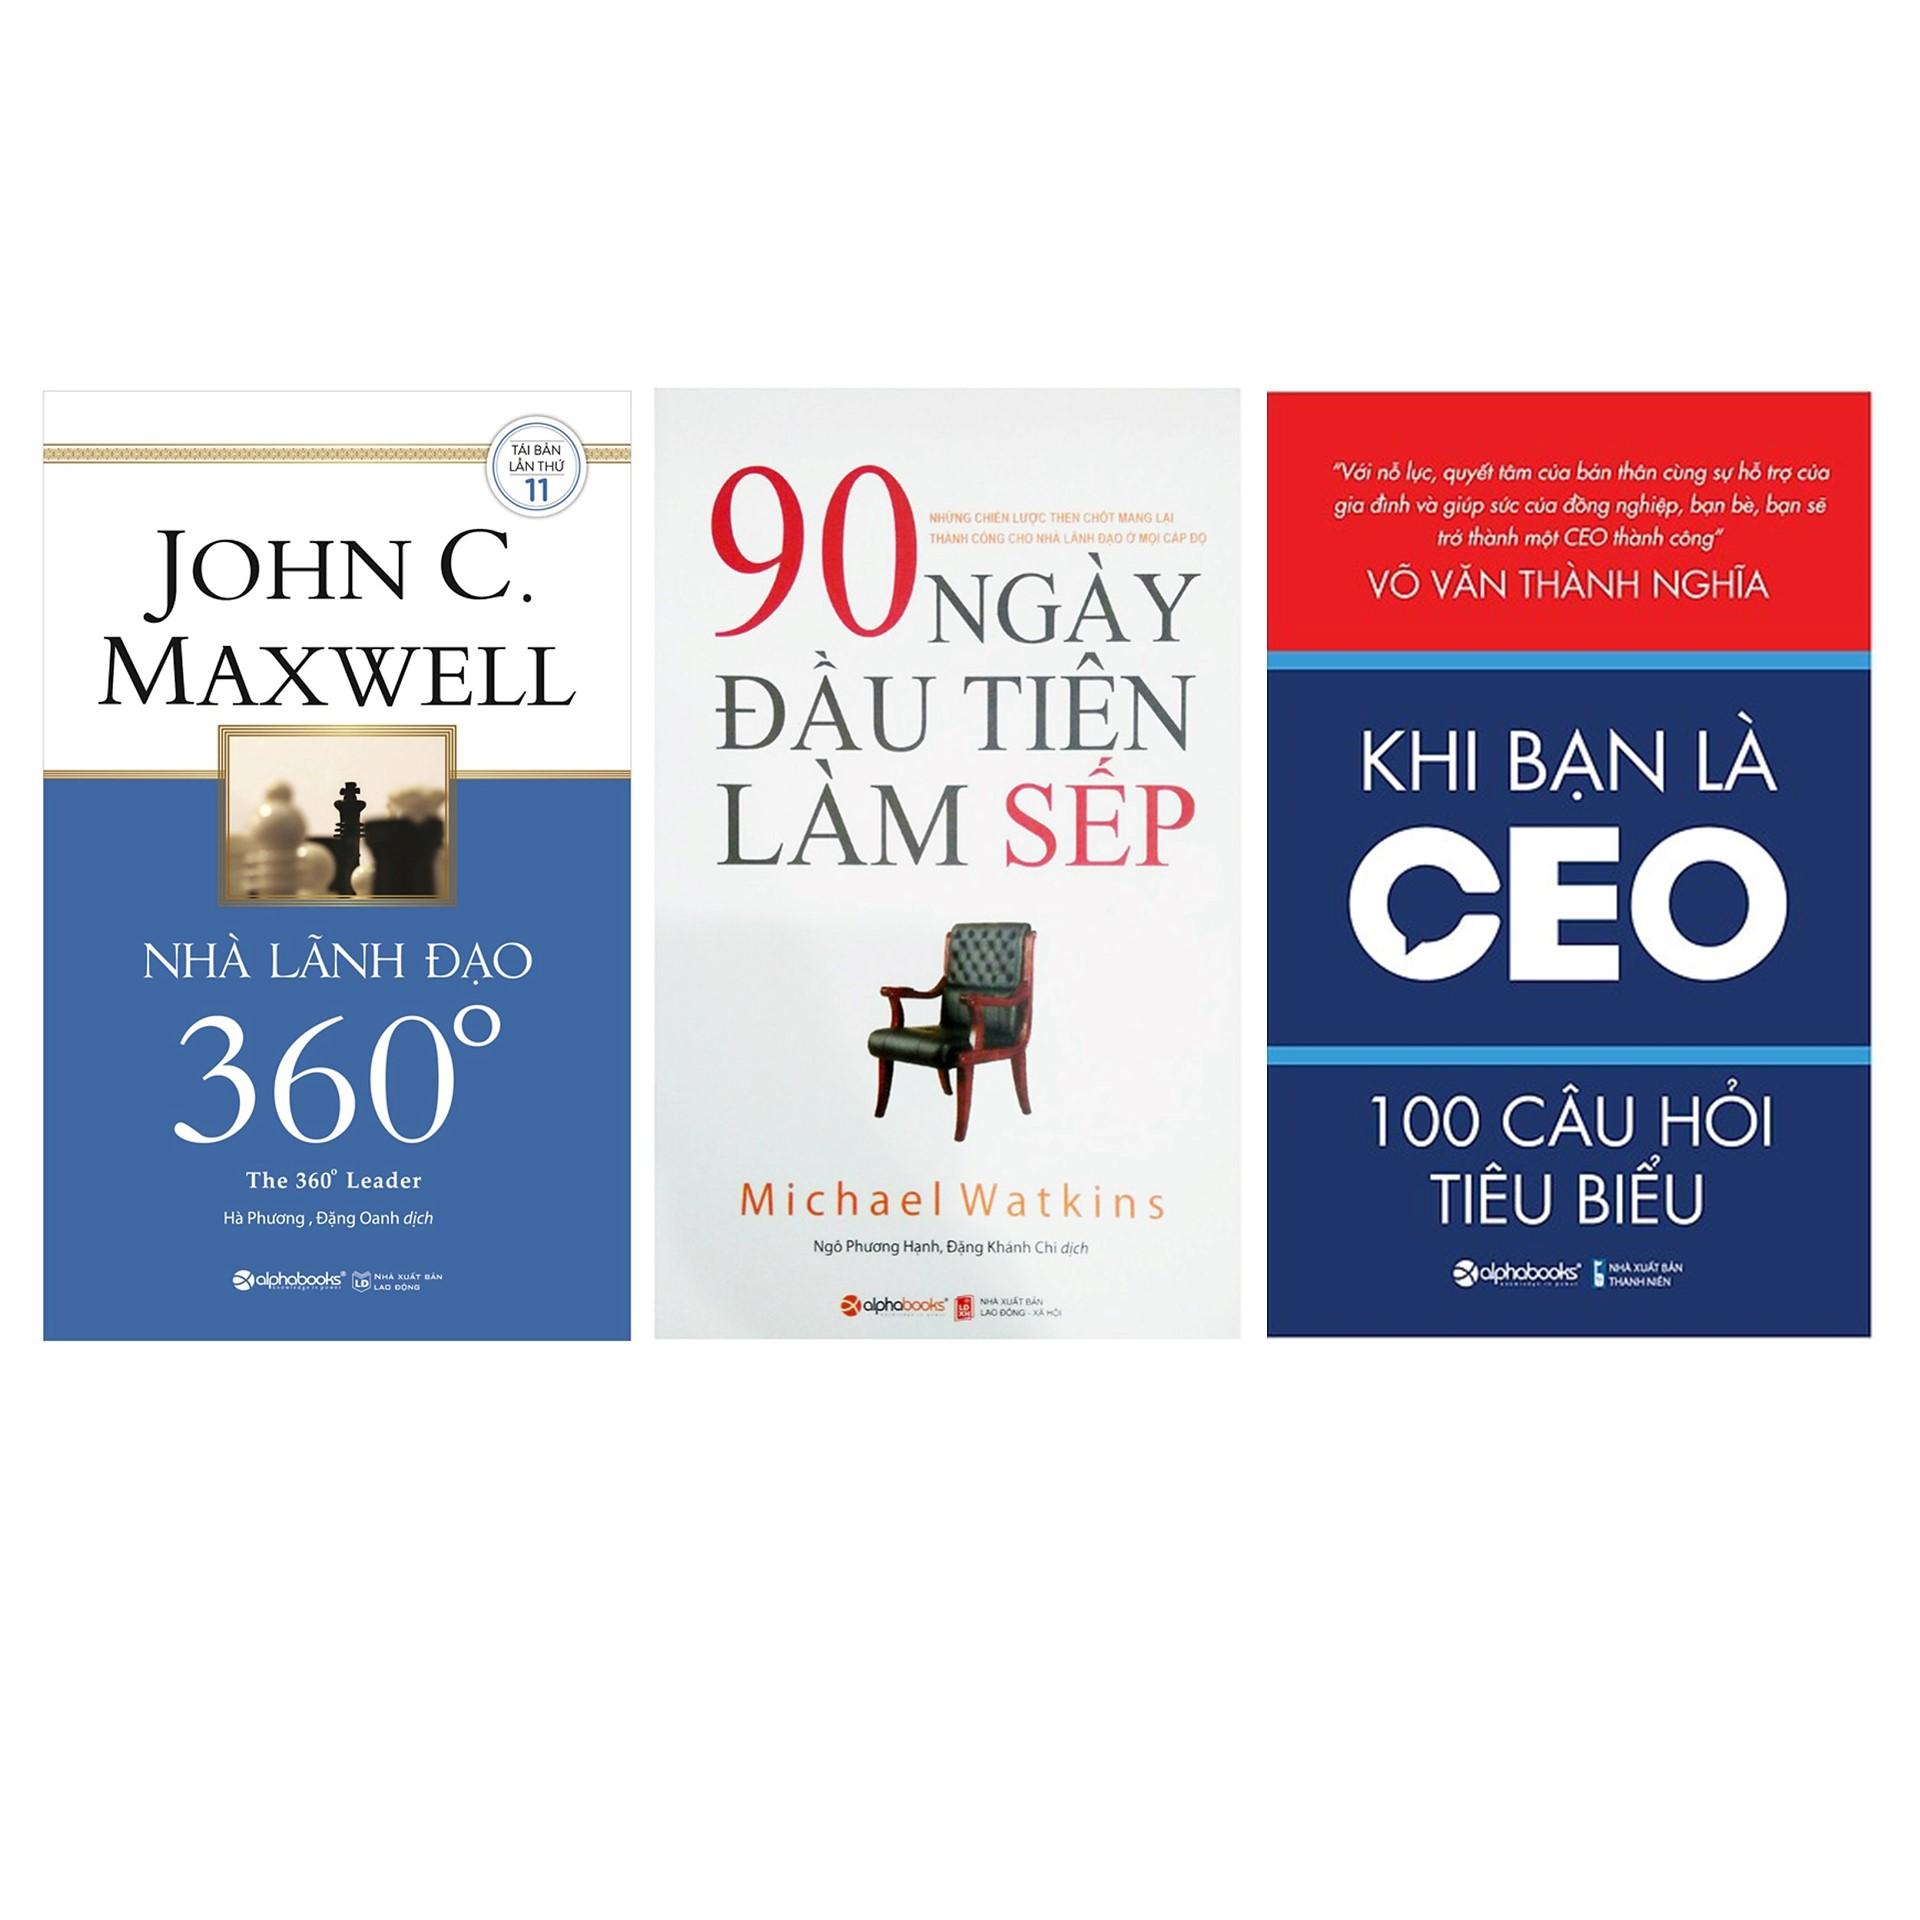 Combo Sách Quản Trị, Lãnh Đạo : Nhà Lãnh Đạo 360° + 90 Ngày Đầu Tiên Làm Sếp + Khi Bạn Là CEO – 100 Câu Hỏi Tiêu Biểu